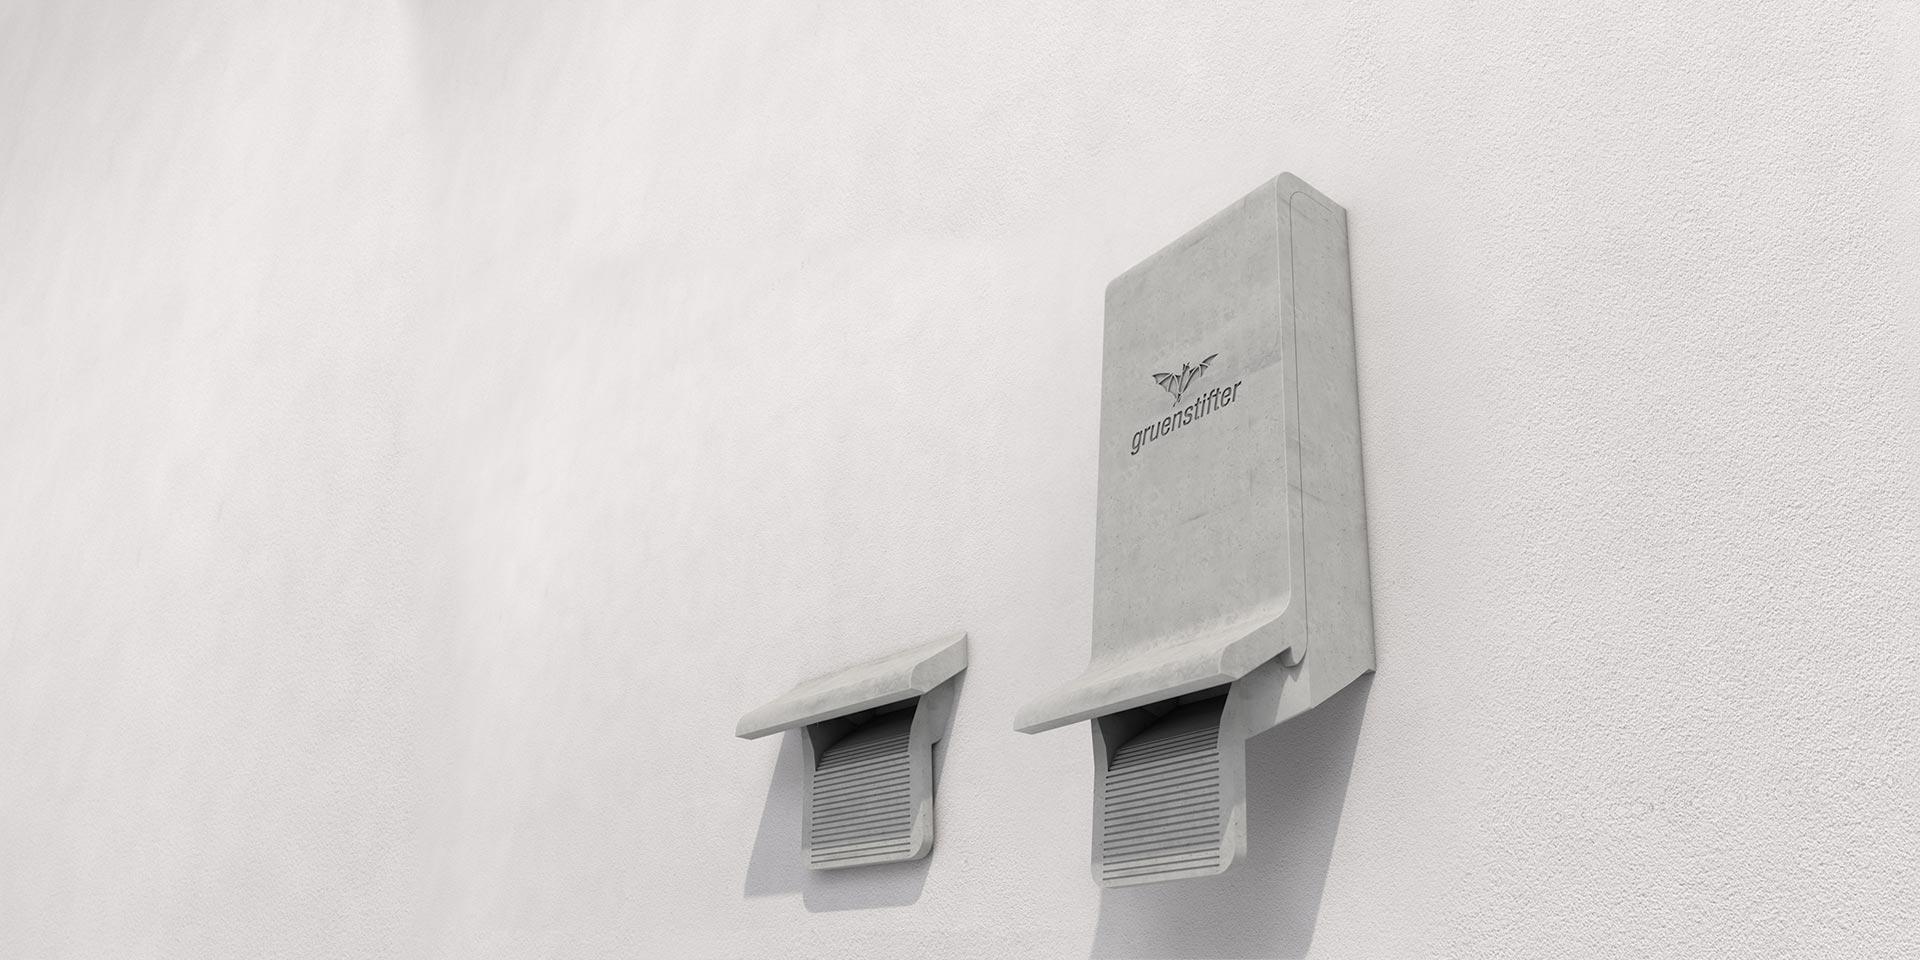 fledermauskasten an weißer Hauswand